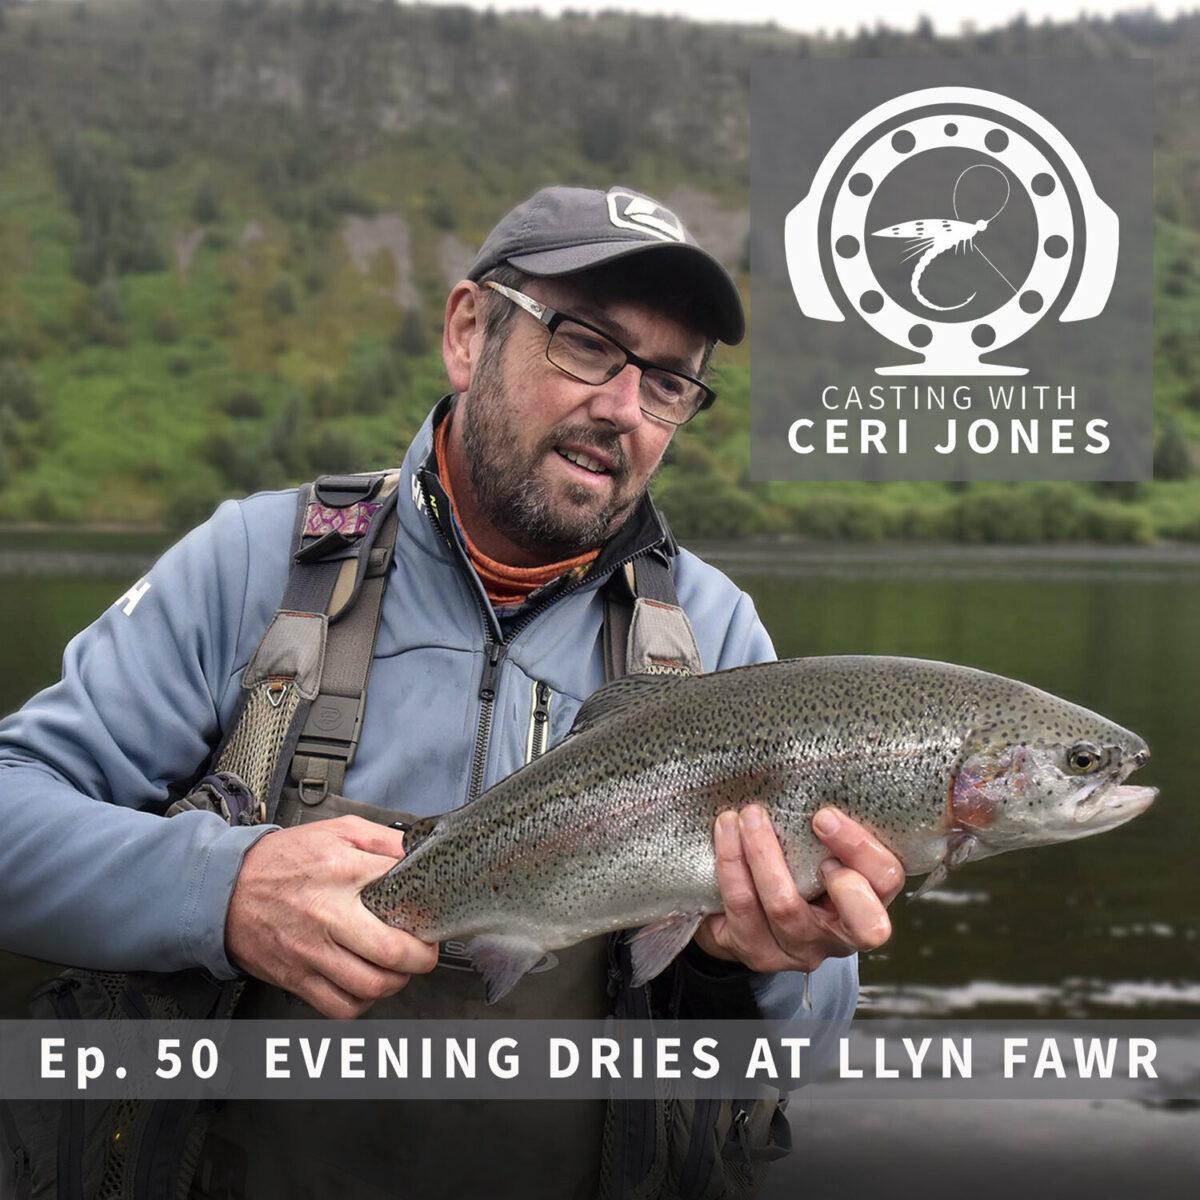 Casting with Ceri Jones 050: Casting With Ceri Jones : Ep. 50  Evening dries at Llyn Fawr